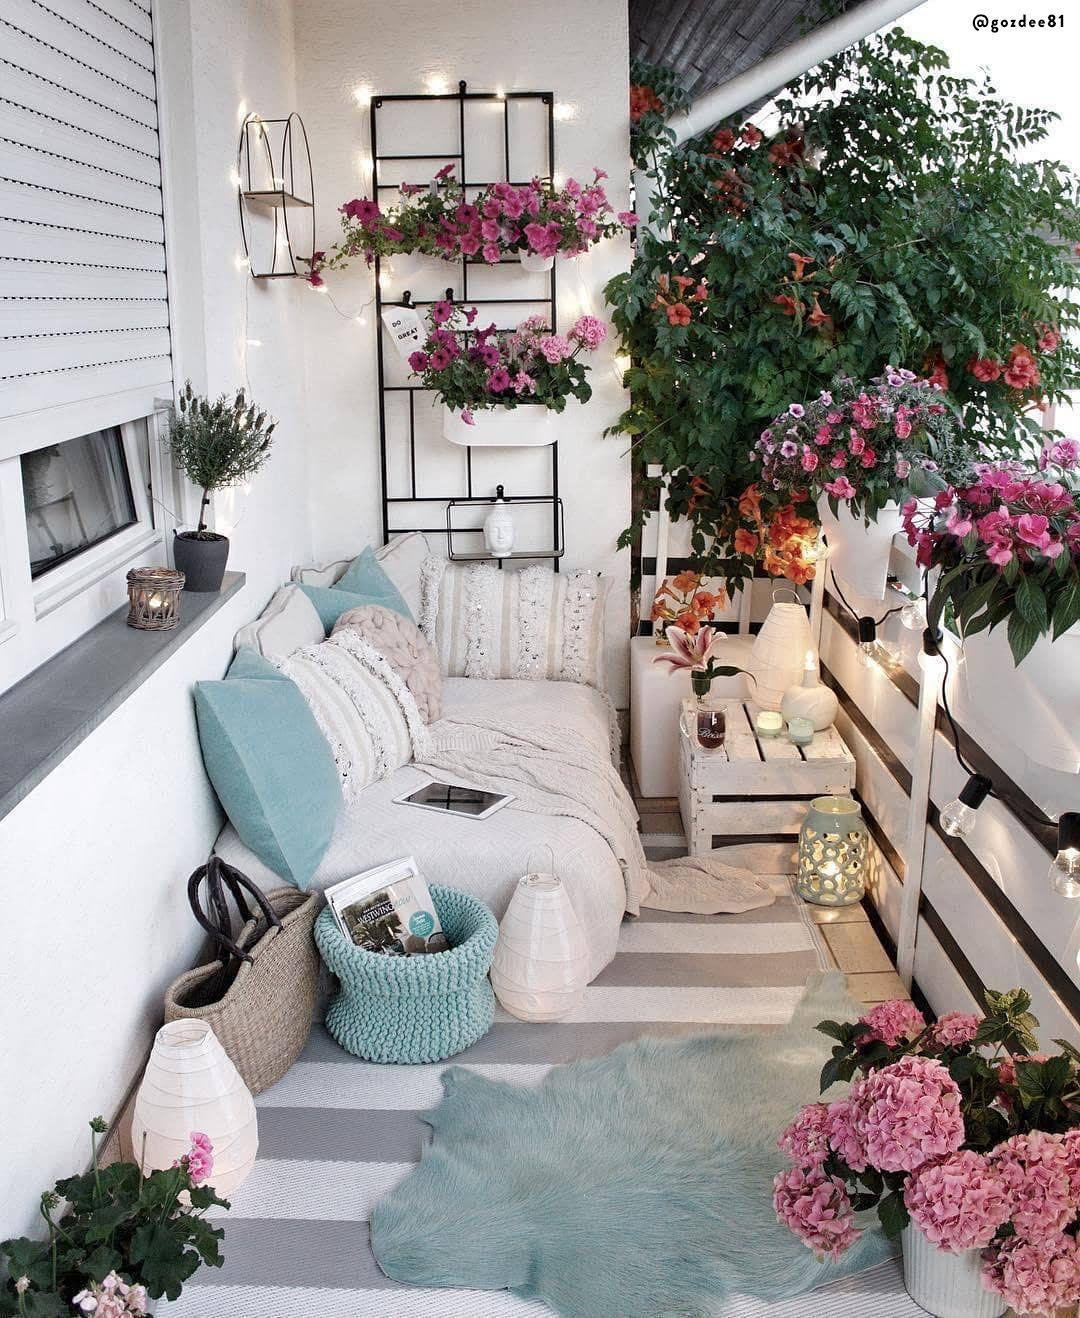 Zaaranzuj Modny Balkon Zgodnie Z Trendami 2020 Apartment Balcony Decorating Small Balcony Decor Balcony Decor